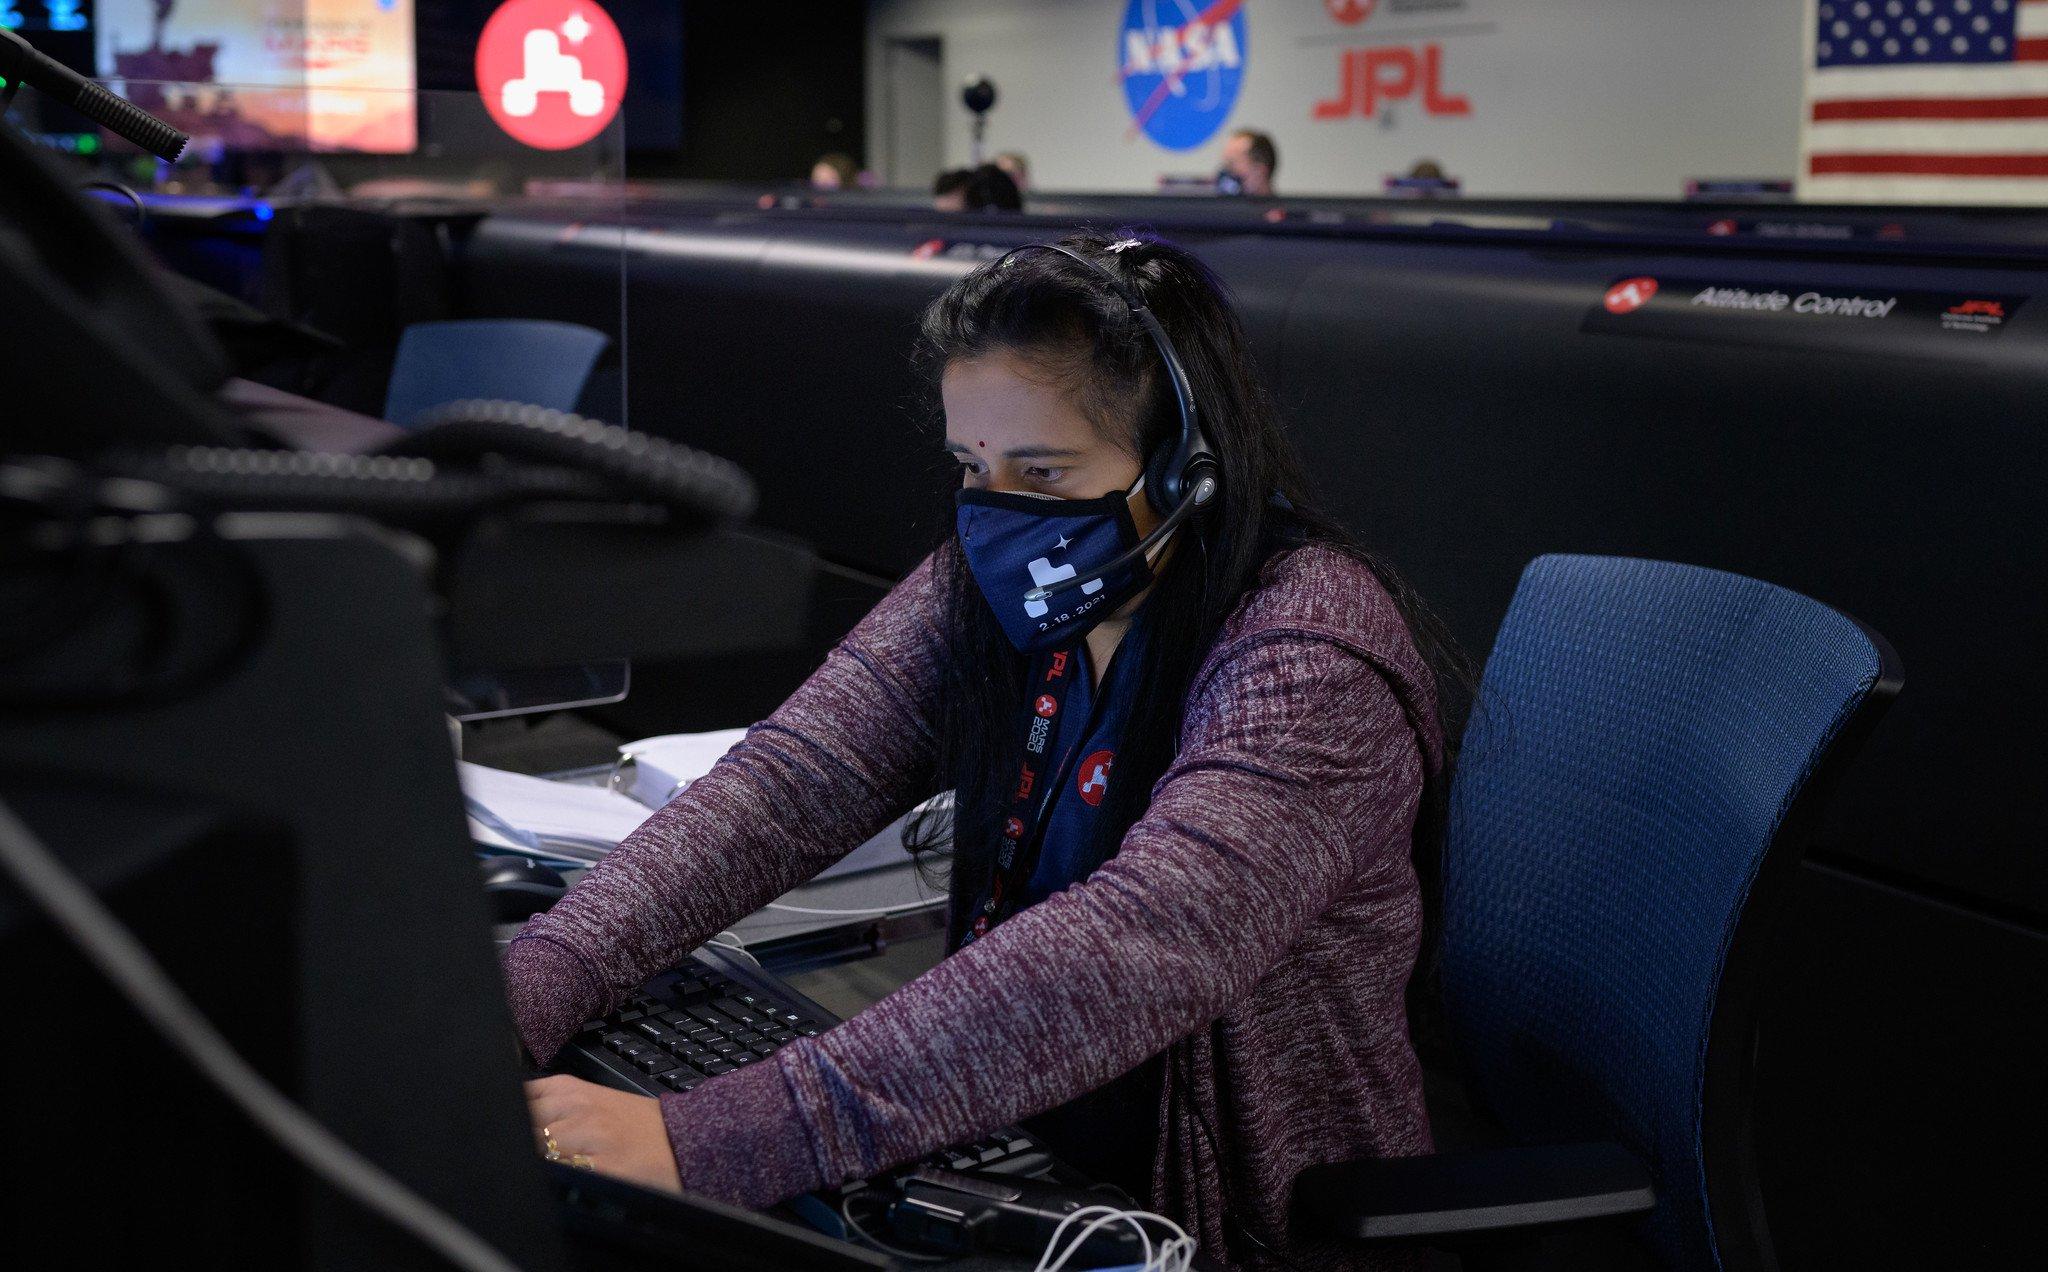 swati-mohan-nasa-mars-rover-women-stem-science-flickr